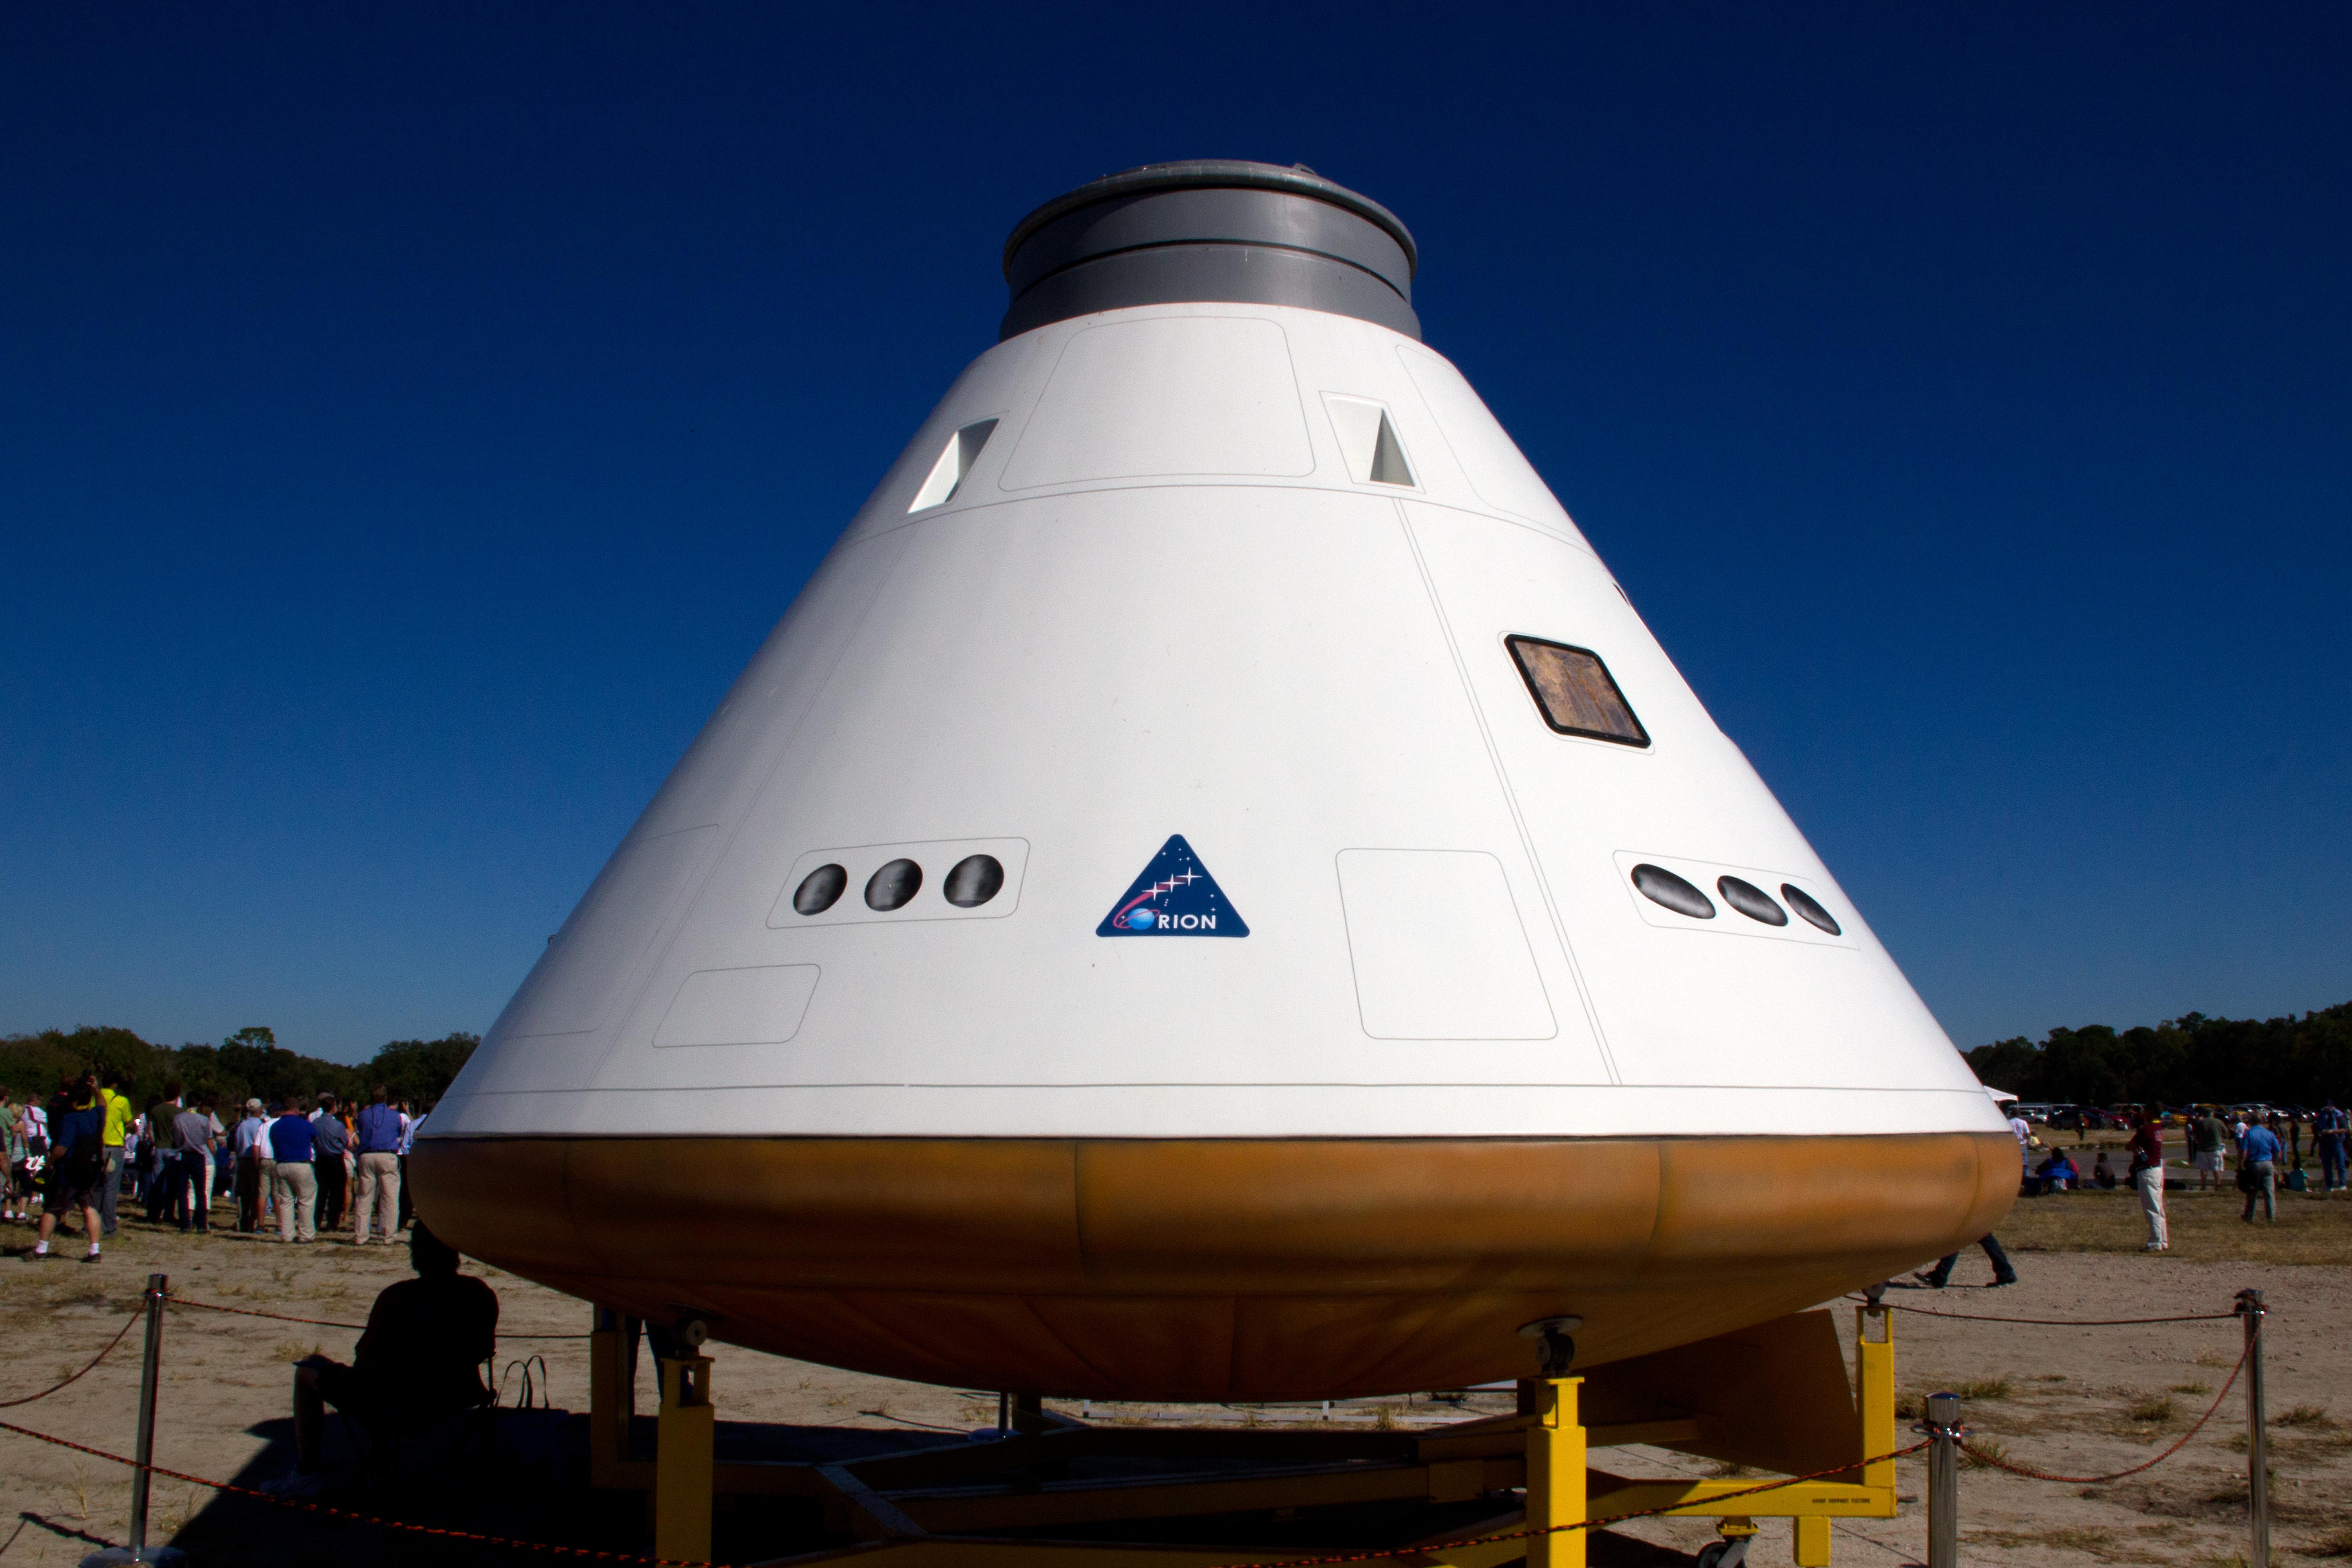 orin space shuttle - photo #17